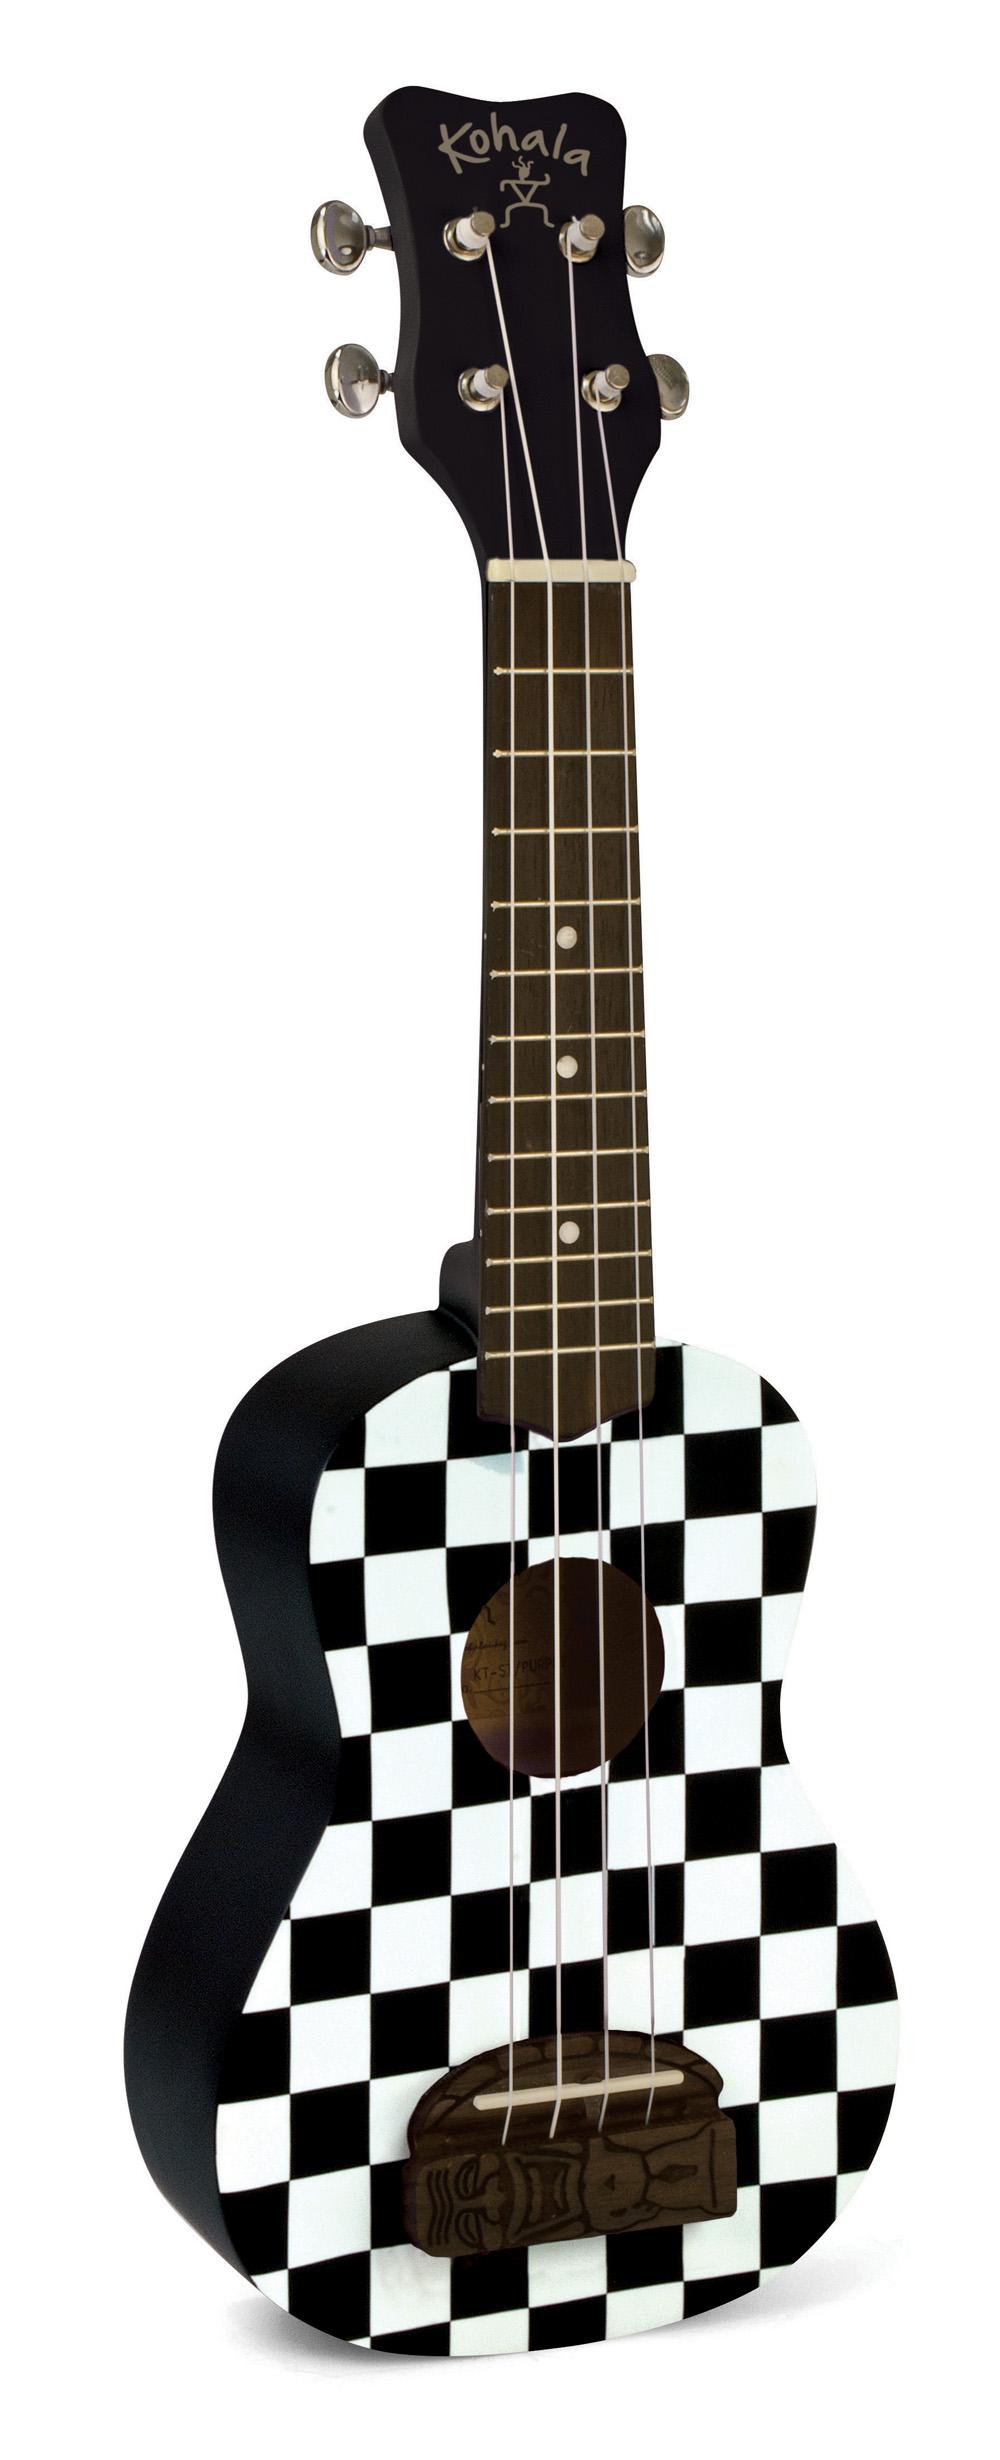 Kohala KT-SCB Tiki Uke Checkerboard Soprano Ukulele